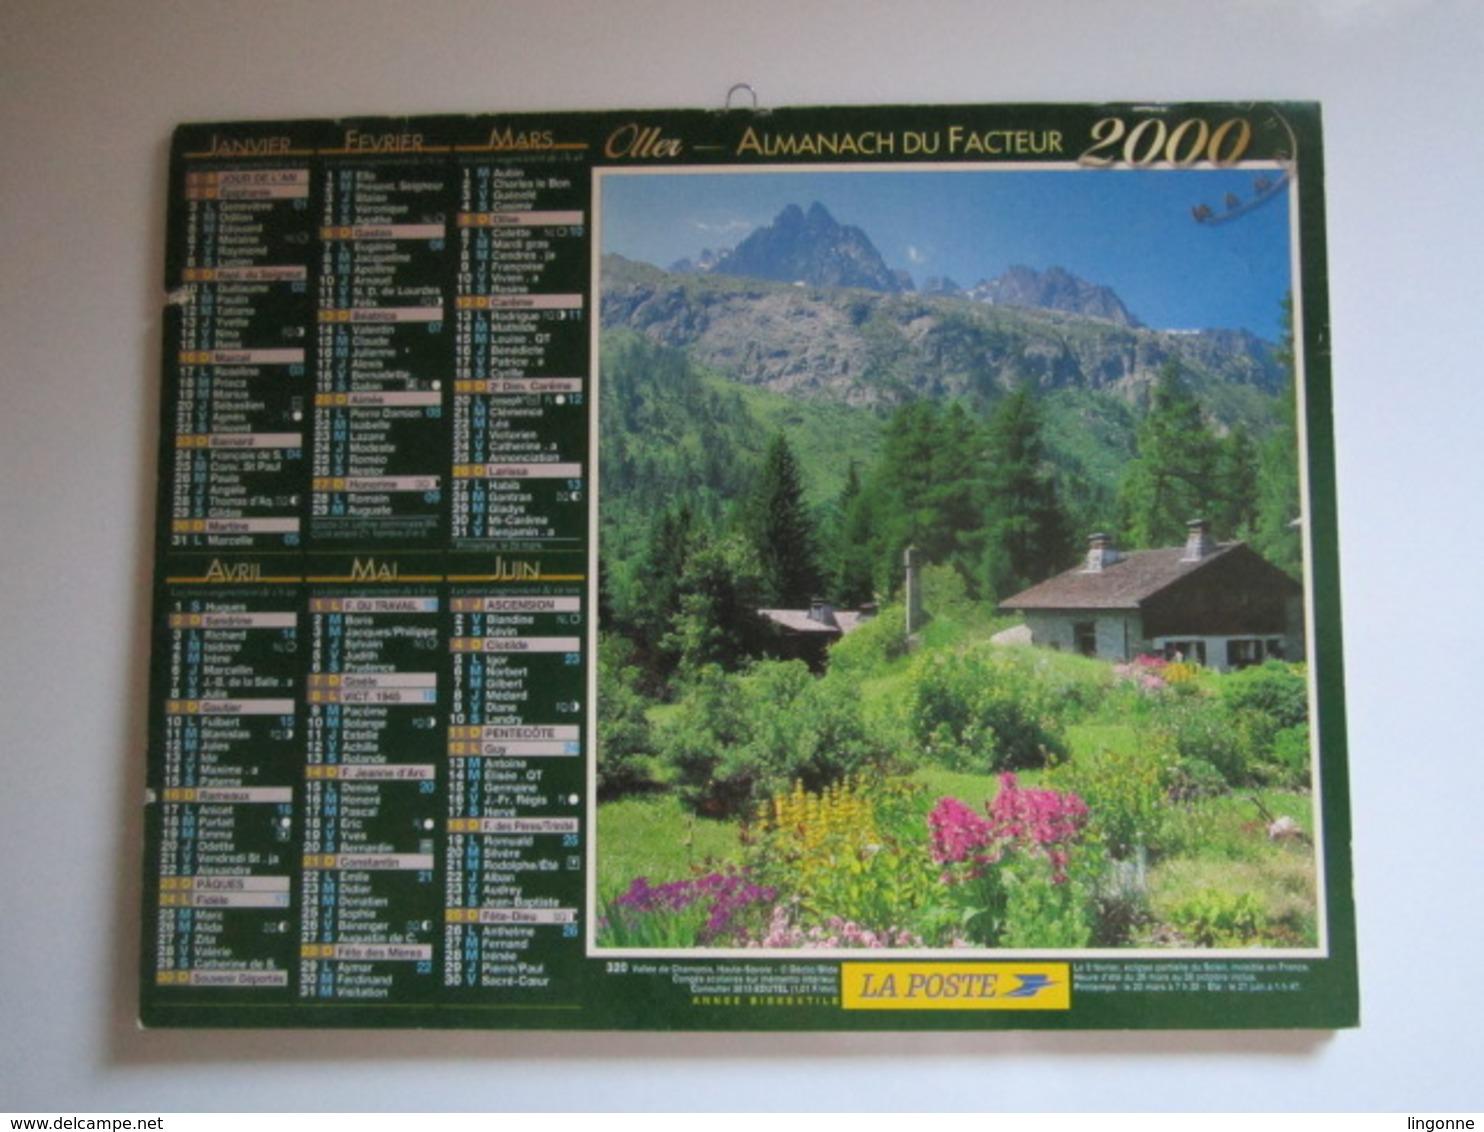 2000 ALMANACH DU FACTEUR Calendrier Des Postes HAUTE-MARNE 52 - Grand Format : 1991-00